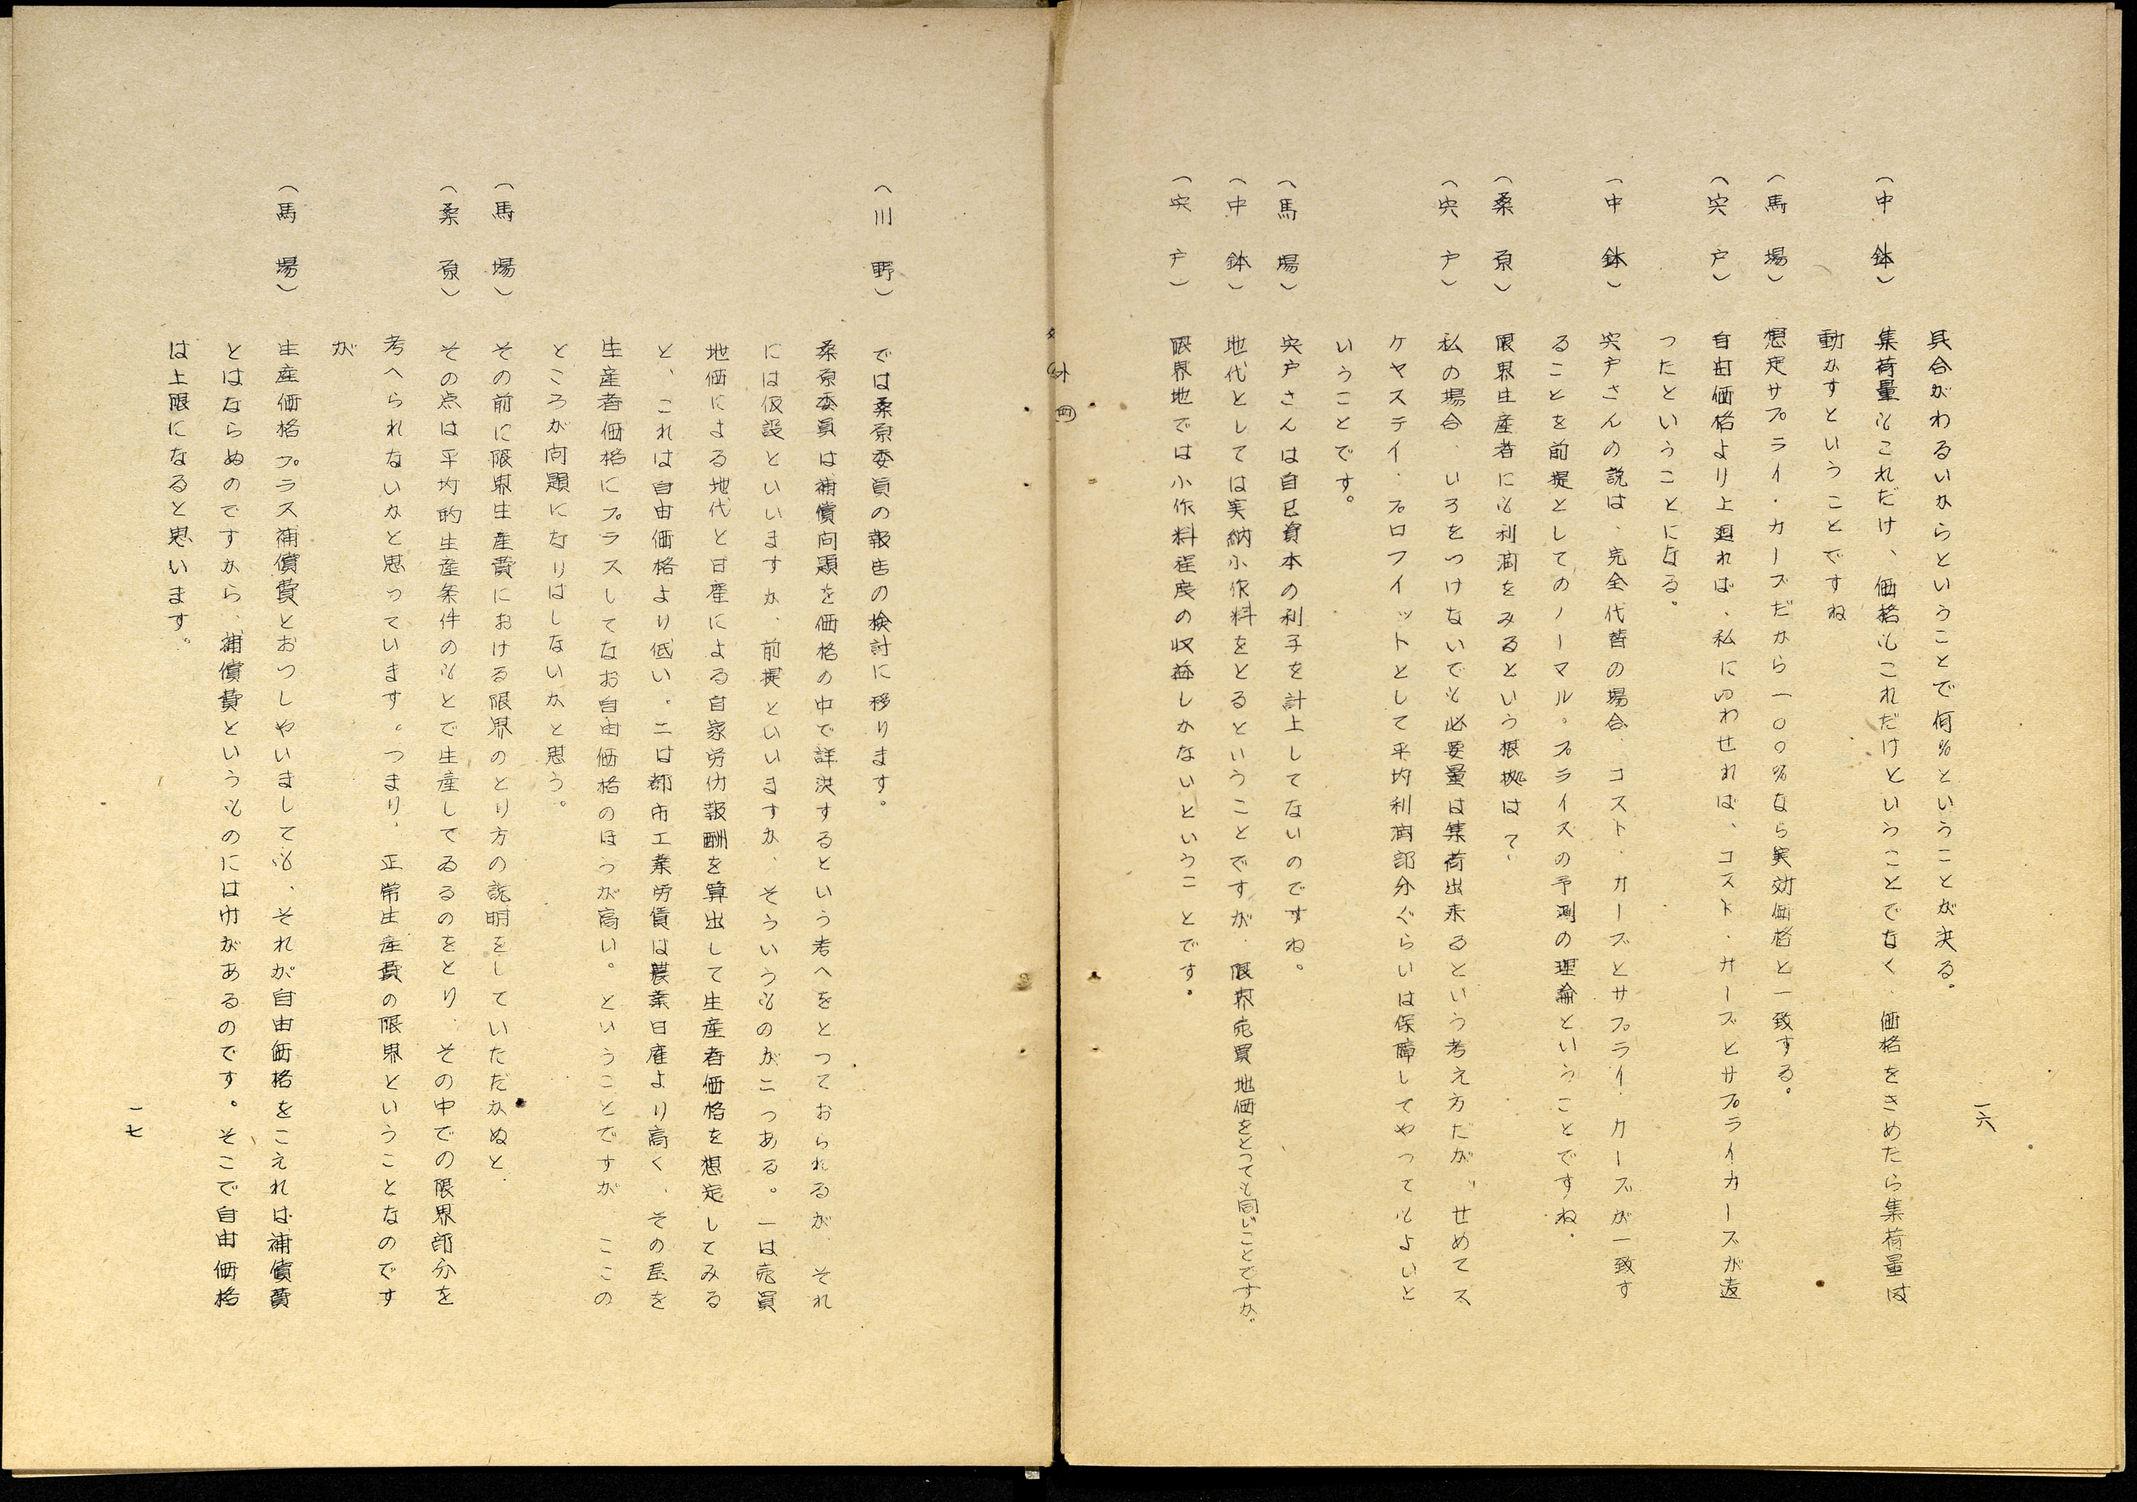 米価審議会小委員会議亊抄録 / 食糧庁 [編] ; 第1回